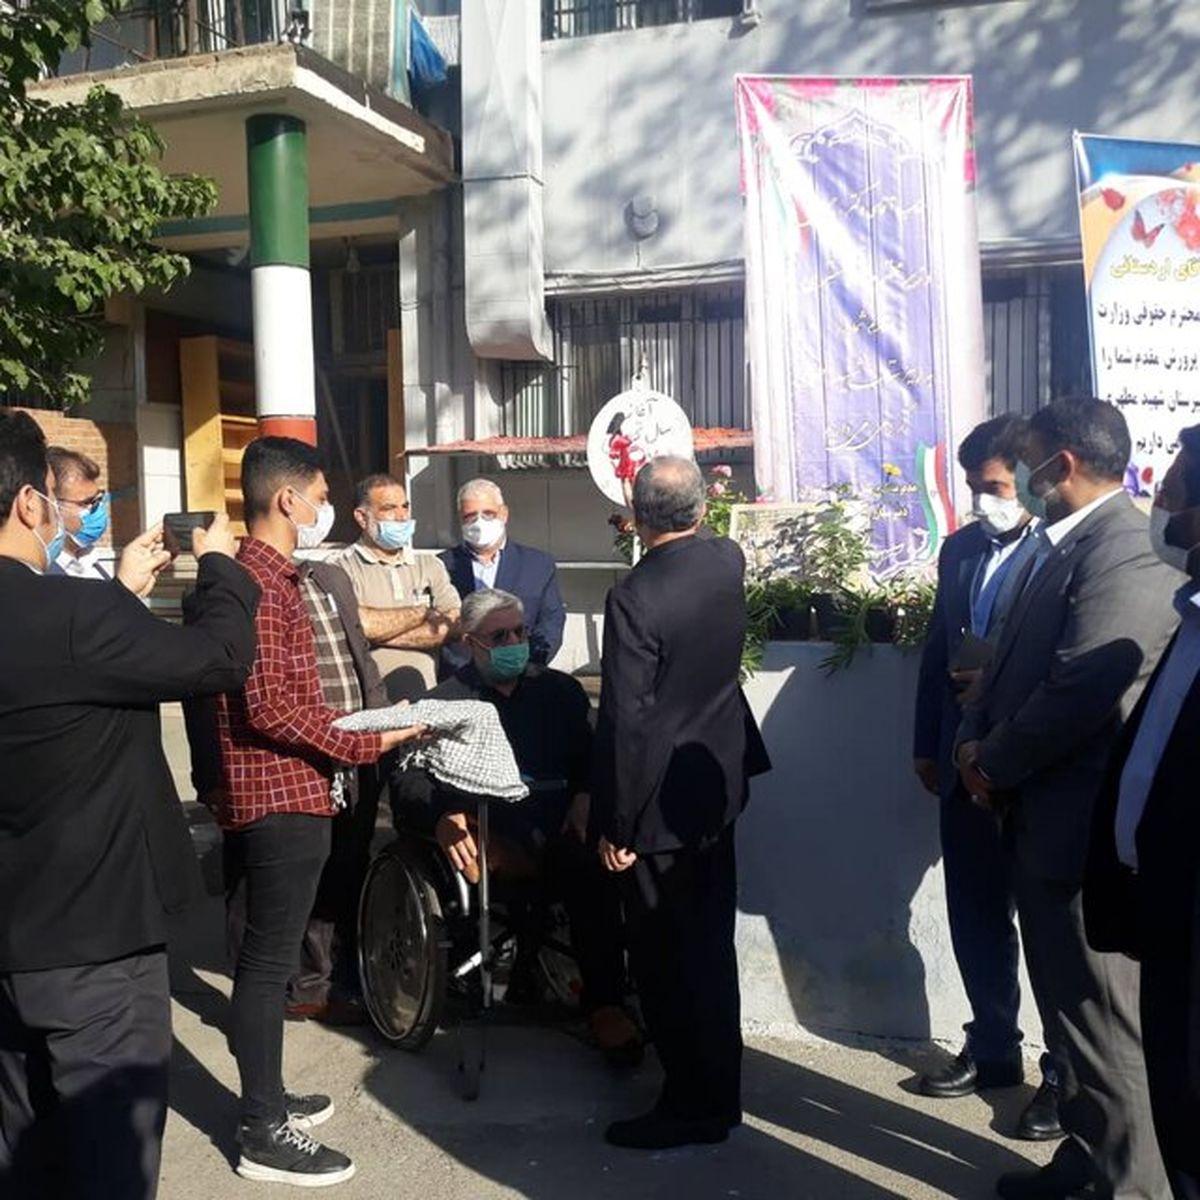 وزیر دادگستری در دبیرستان شهید مطهری زنگ آغاز سال تحصیلی را نواخت